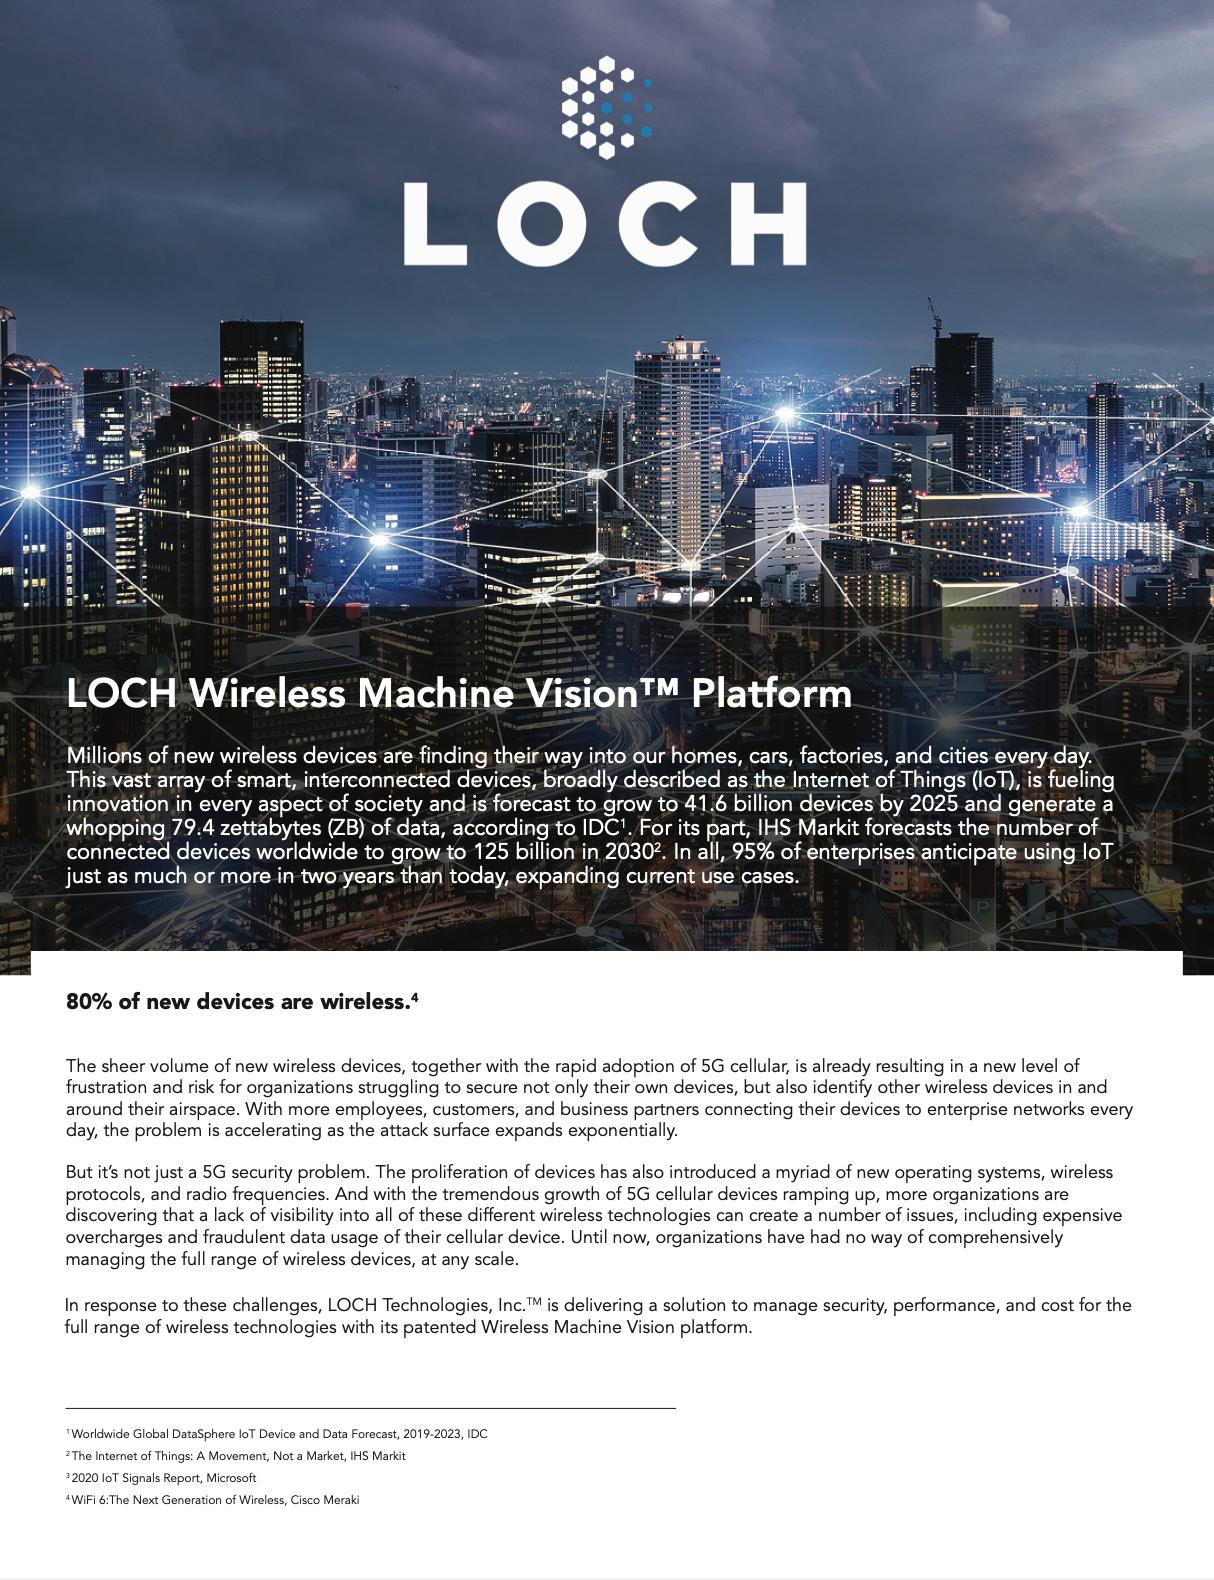 LOCH Wireless Machine Vision™ Platform